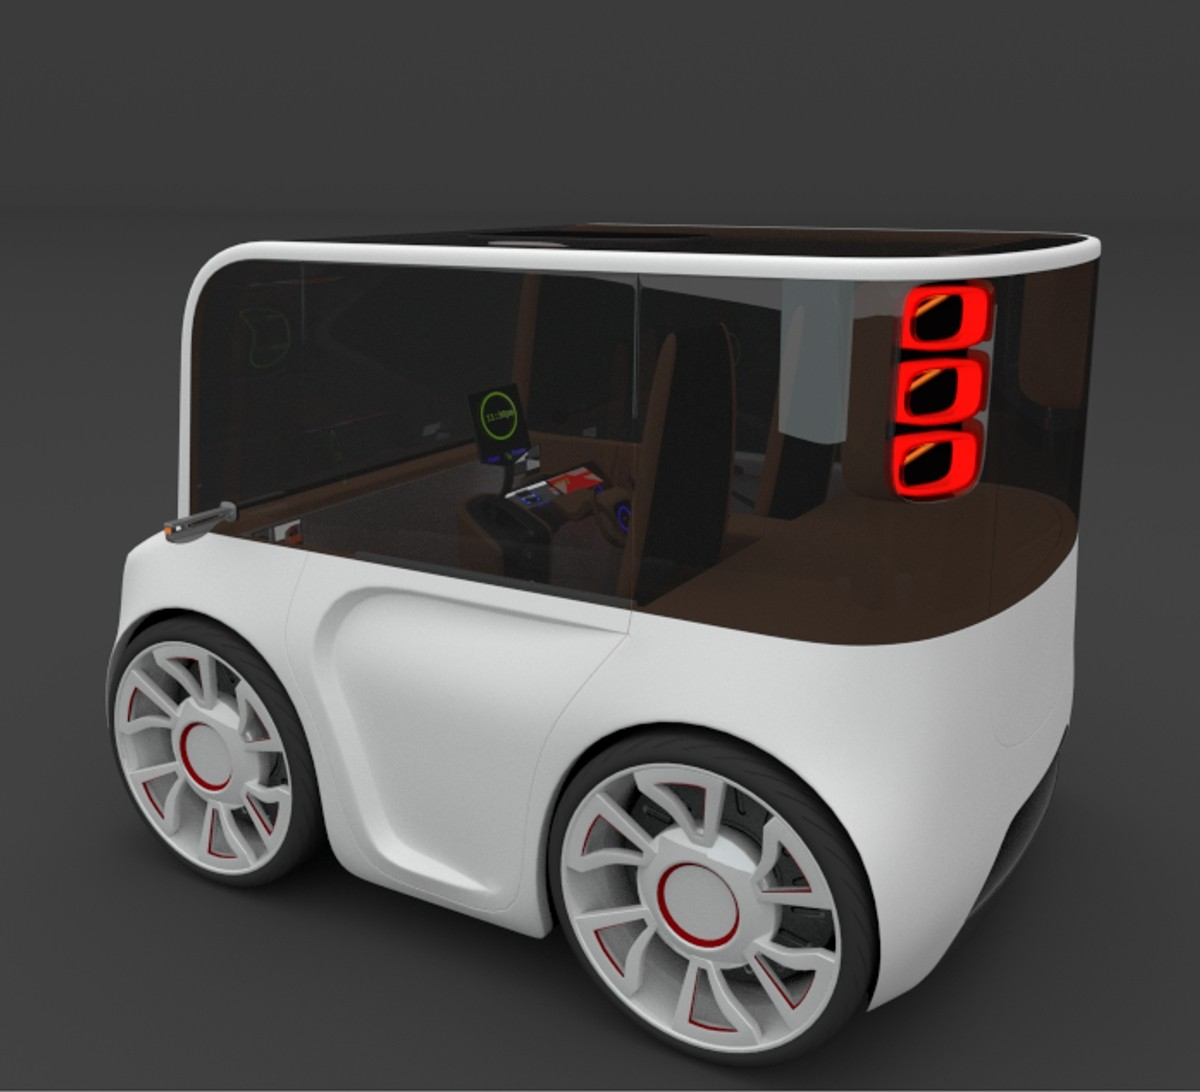 3d model of electric car interior